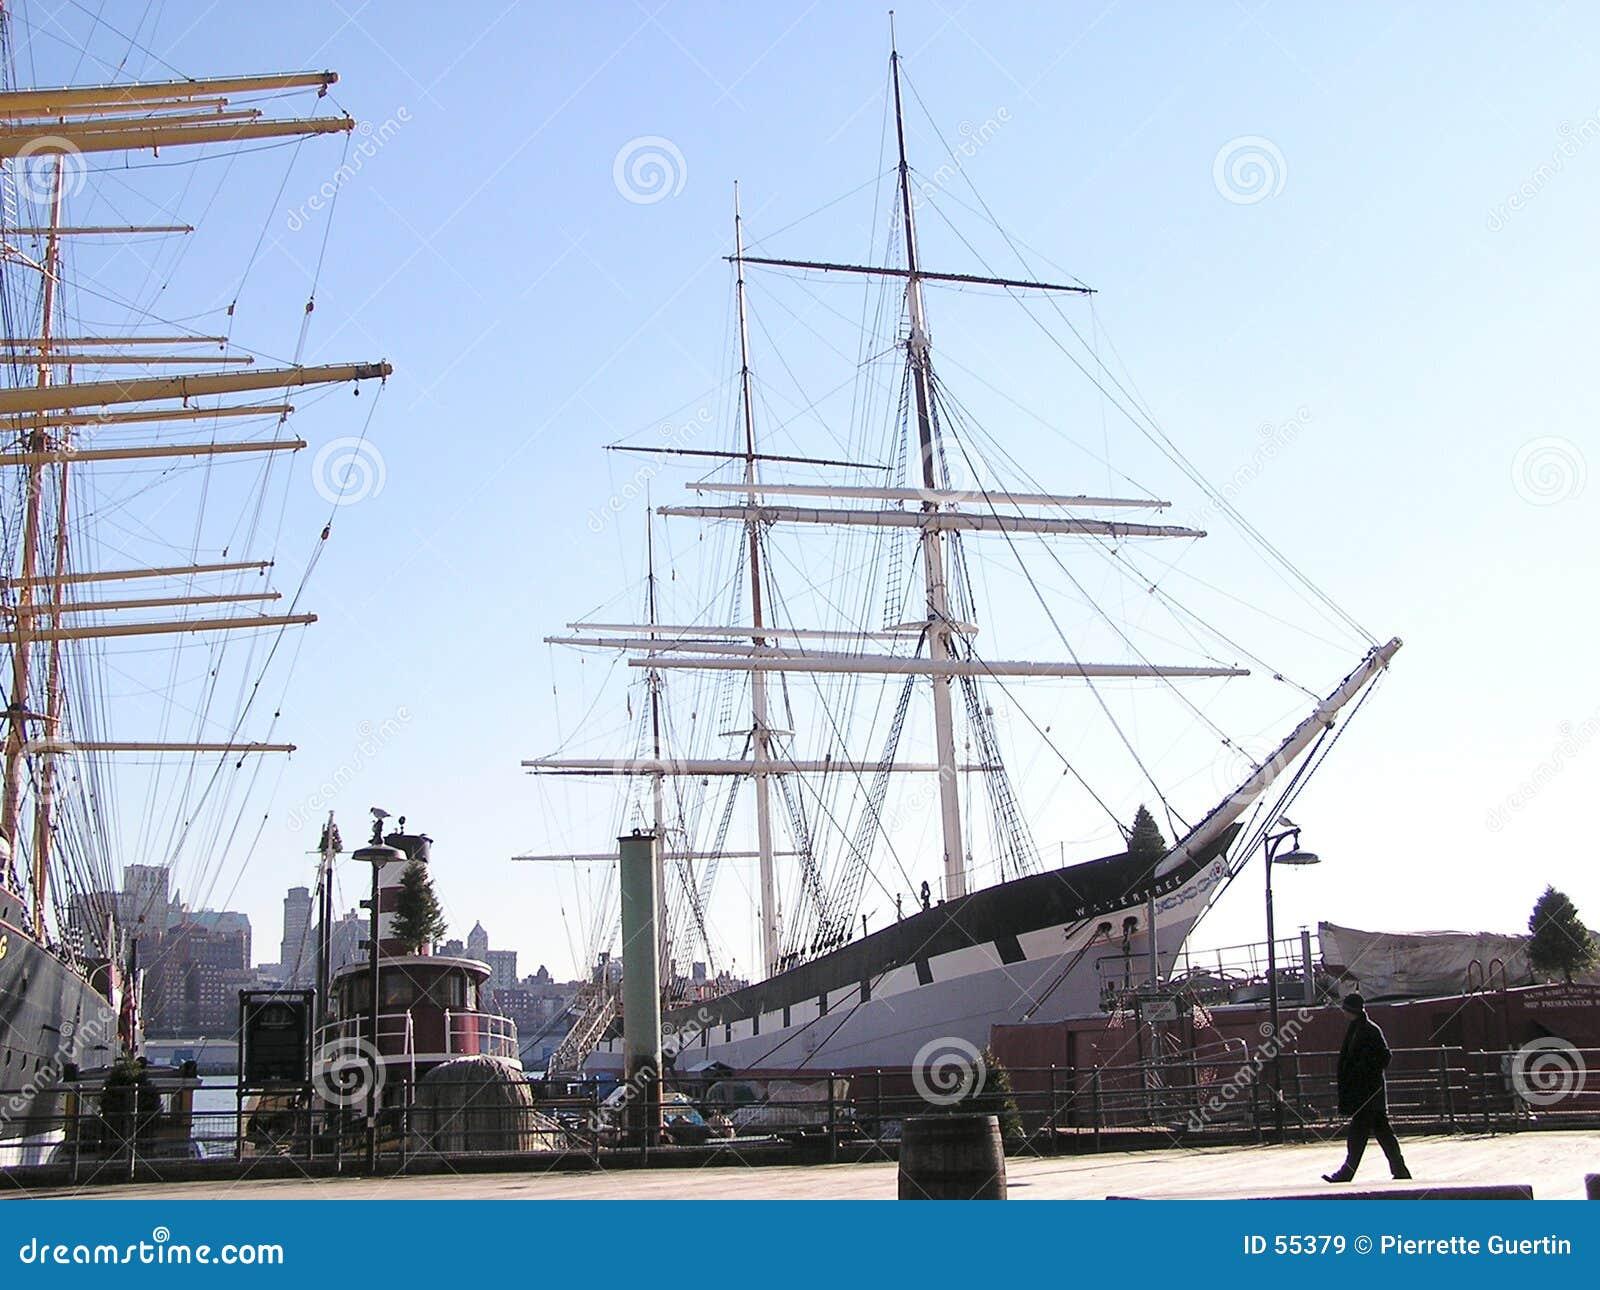 Download Bateau De Navigation Historique 2 Image stock - Image du schooner, roue: 55379